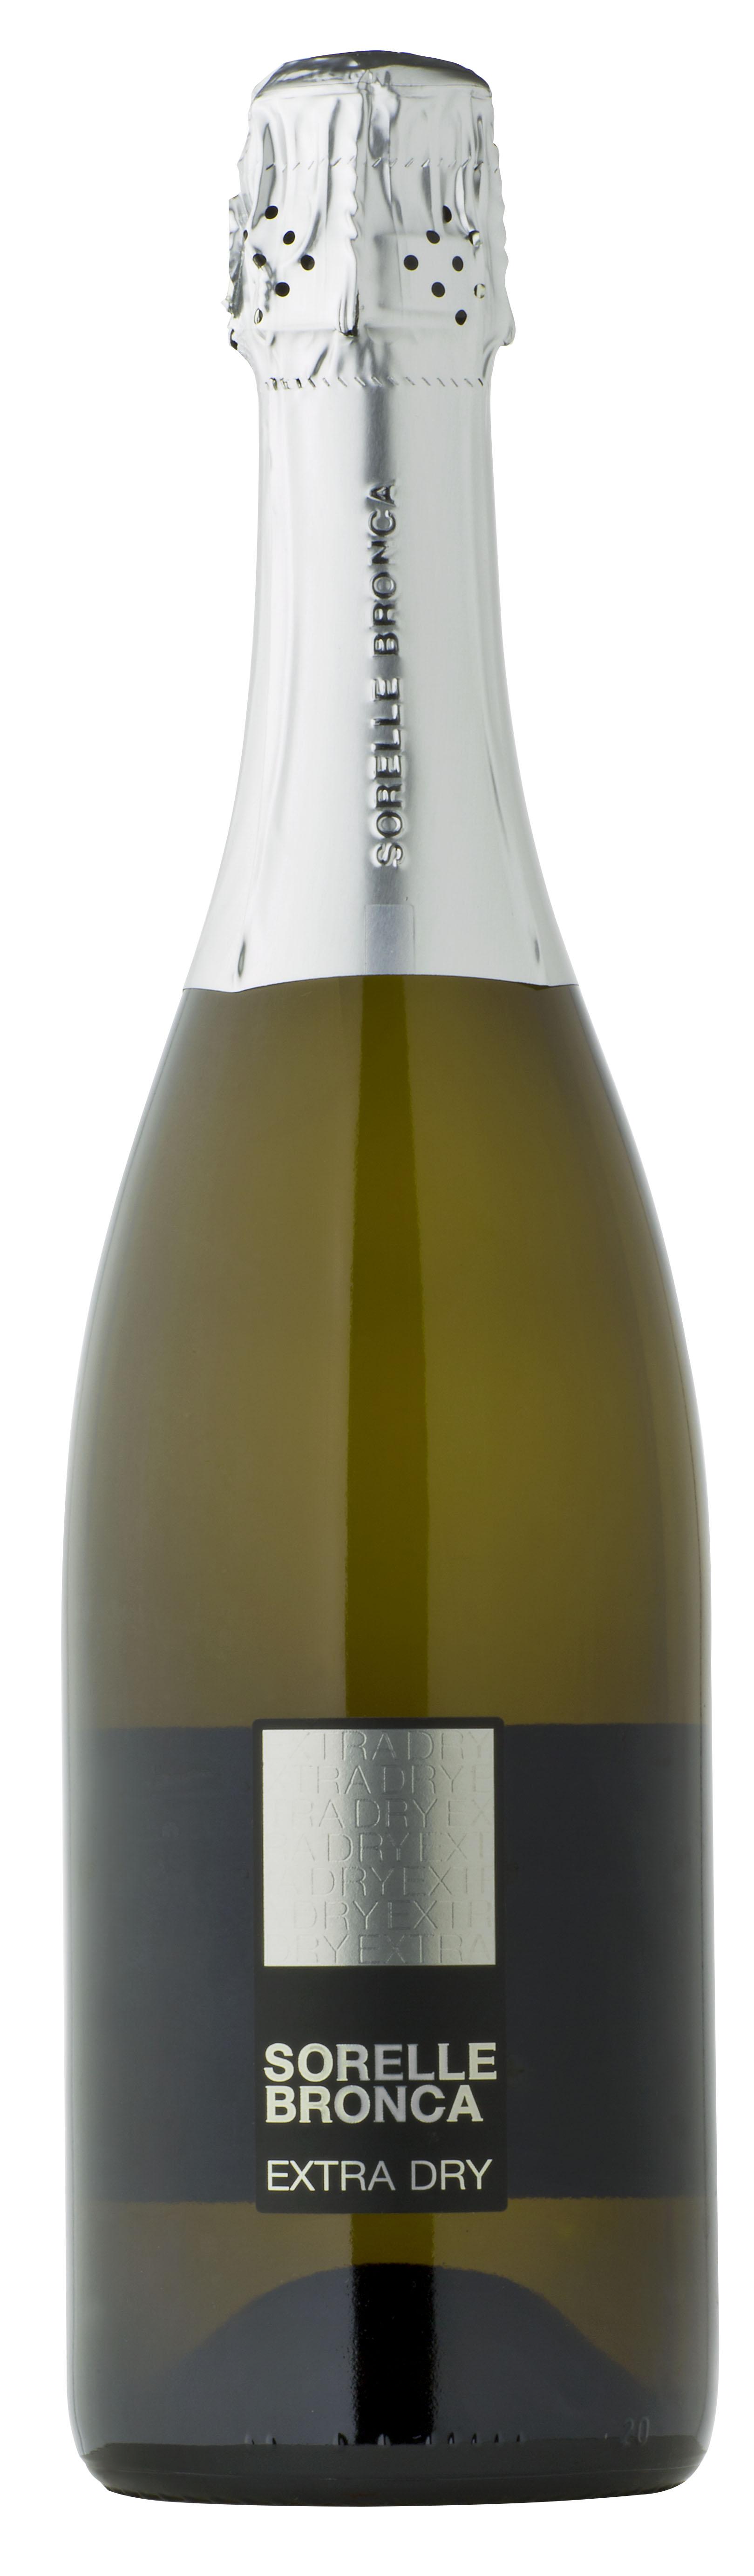 Prosecco Superiore extra dry di Valdob. 750 ML Sorelle Bronca